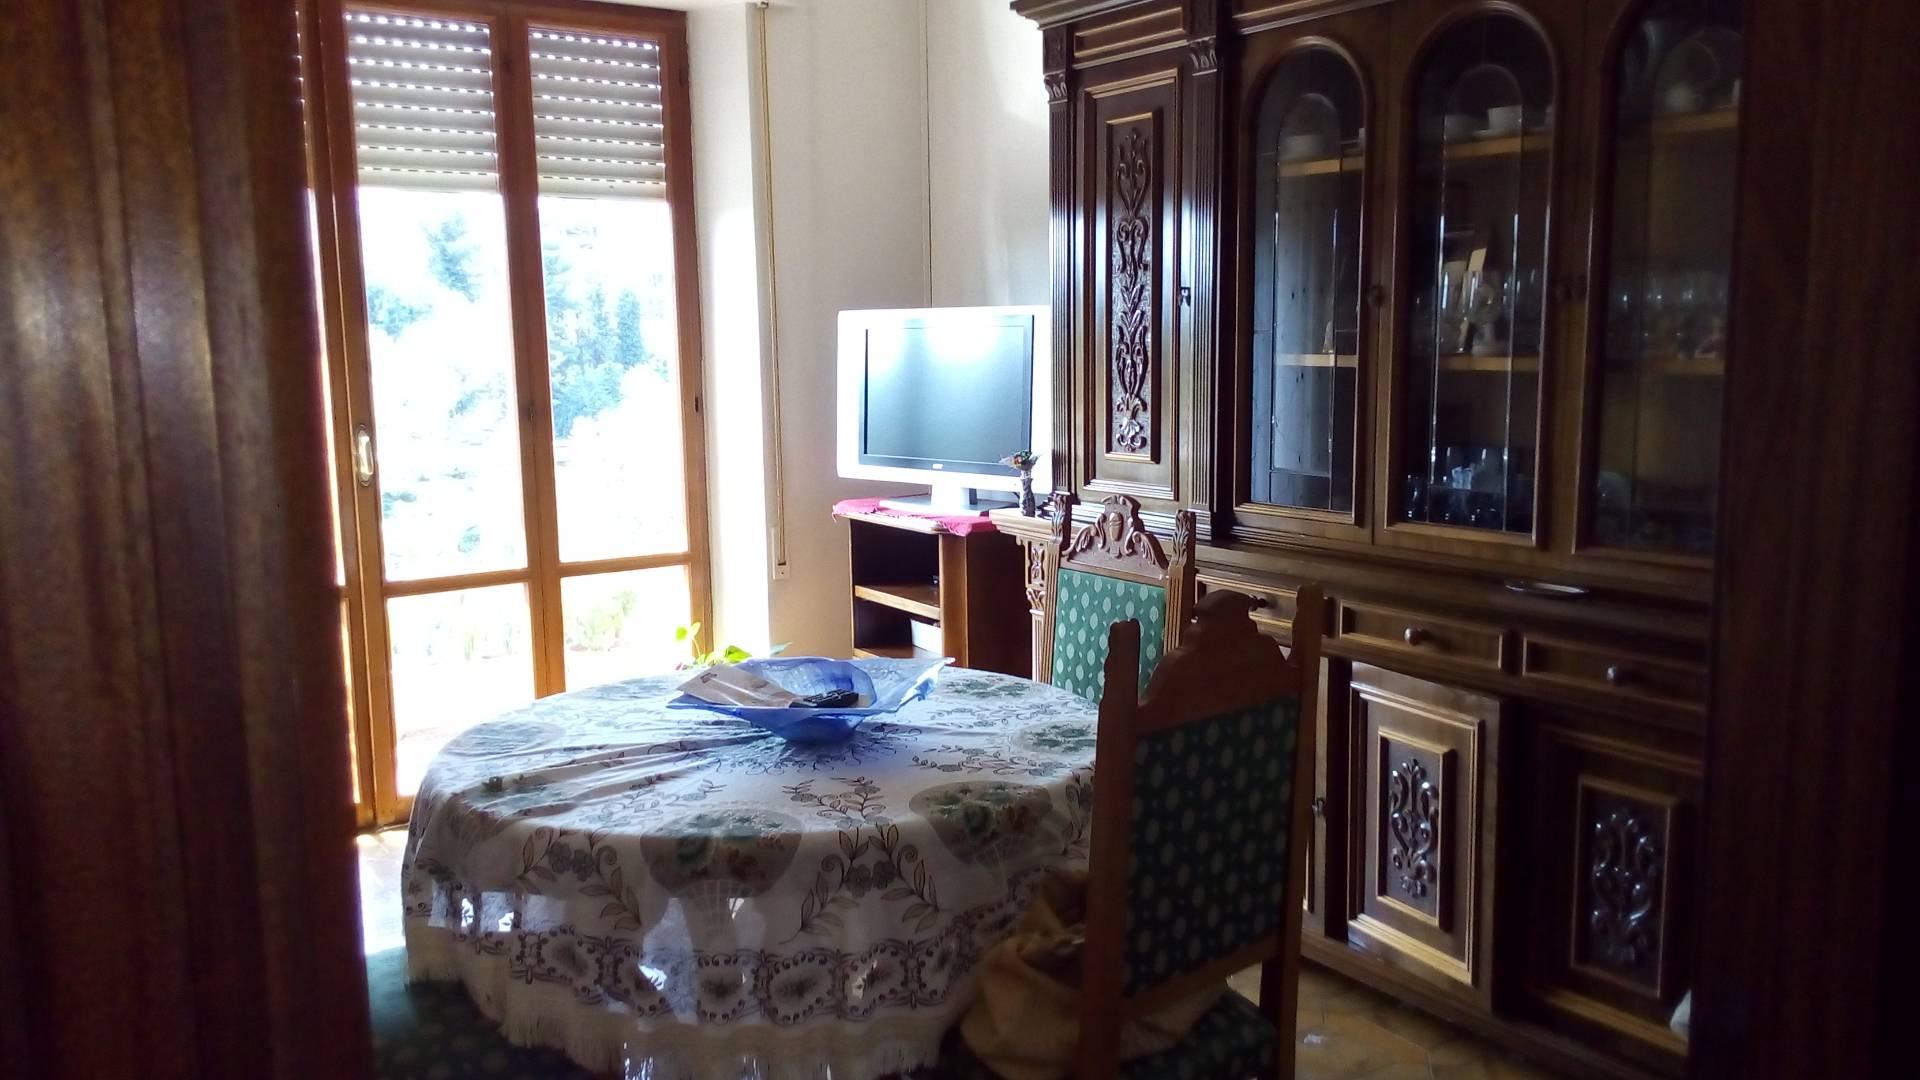 Appartamento in vendita a Ascoli Piceno, 6 locali, zona Località: CampoParignano, prezzo € 135.000 | Cambio Casa.it